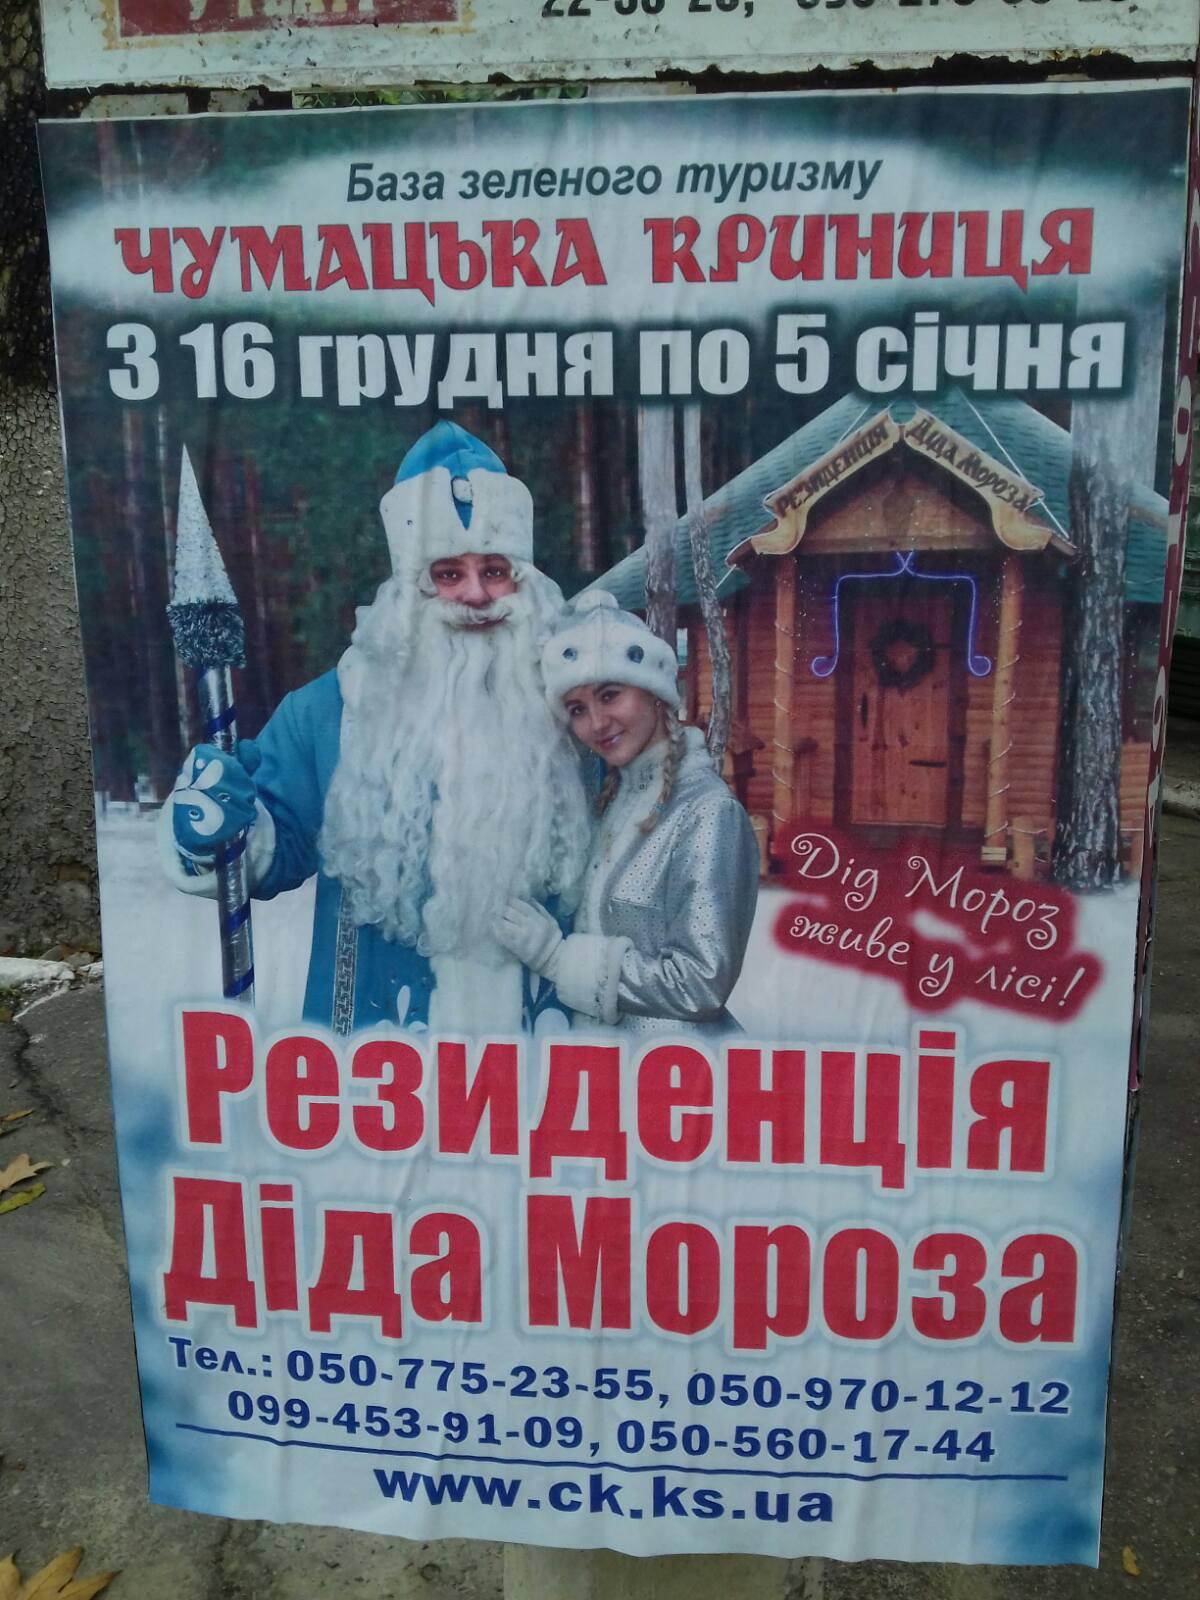 На Херсонщине отроют Резиденцию Деда Мороза